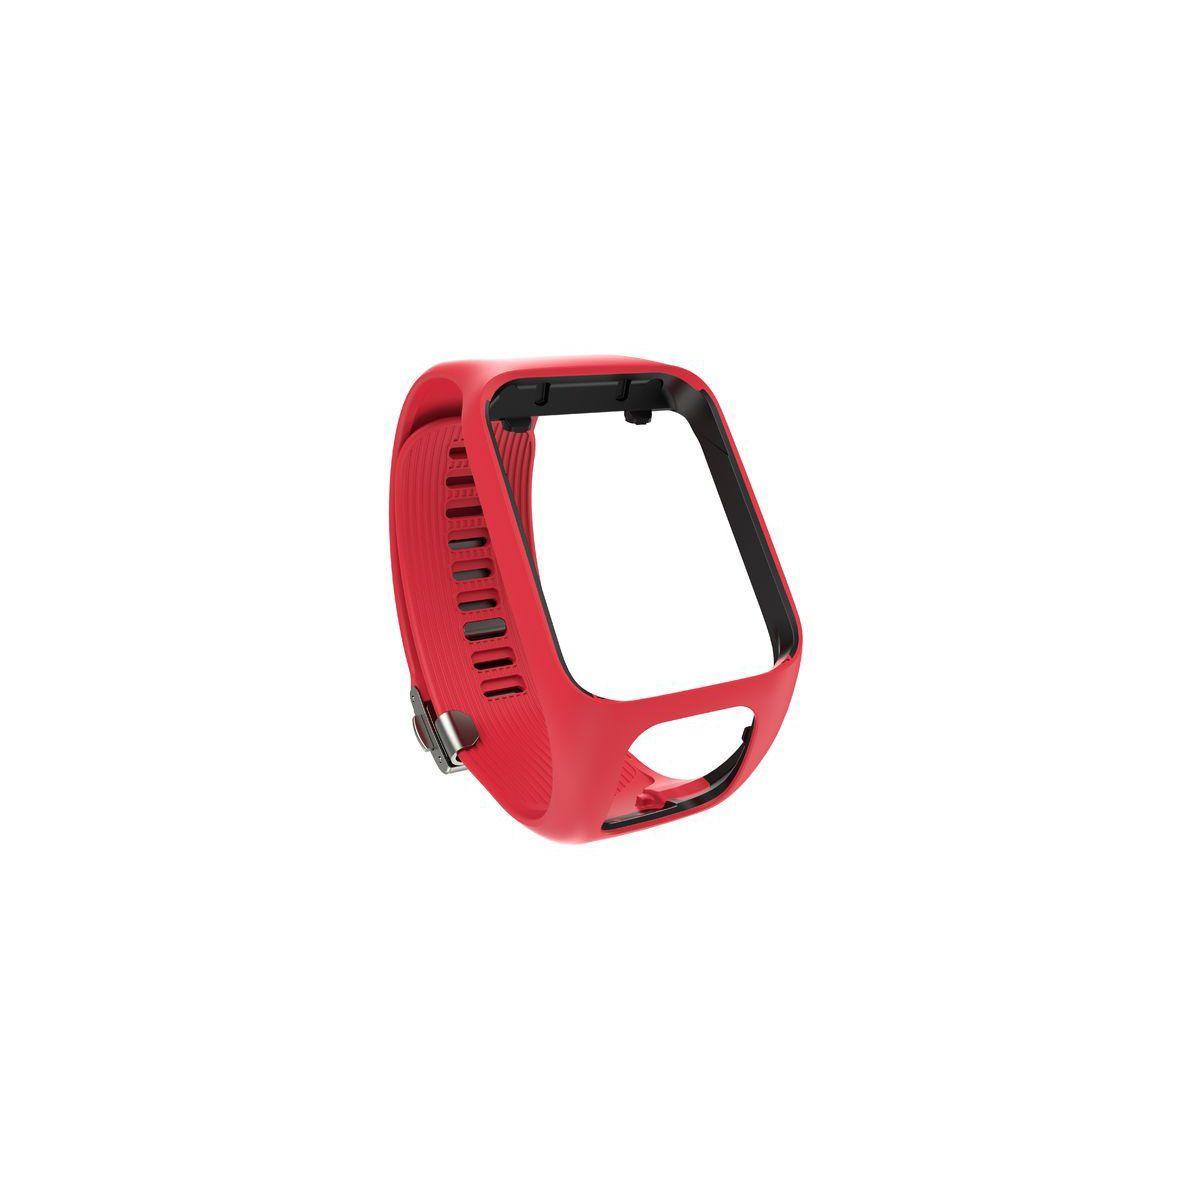 Bracelet montre tomtom rouge large pour - produit coup de coeur webdistrib.com !